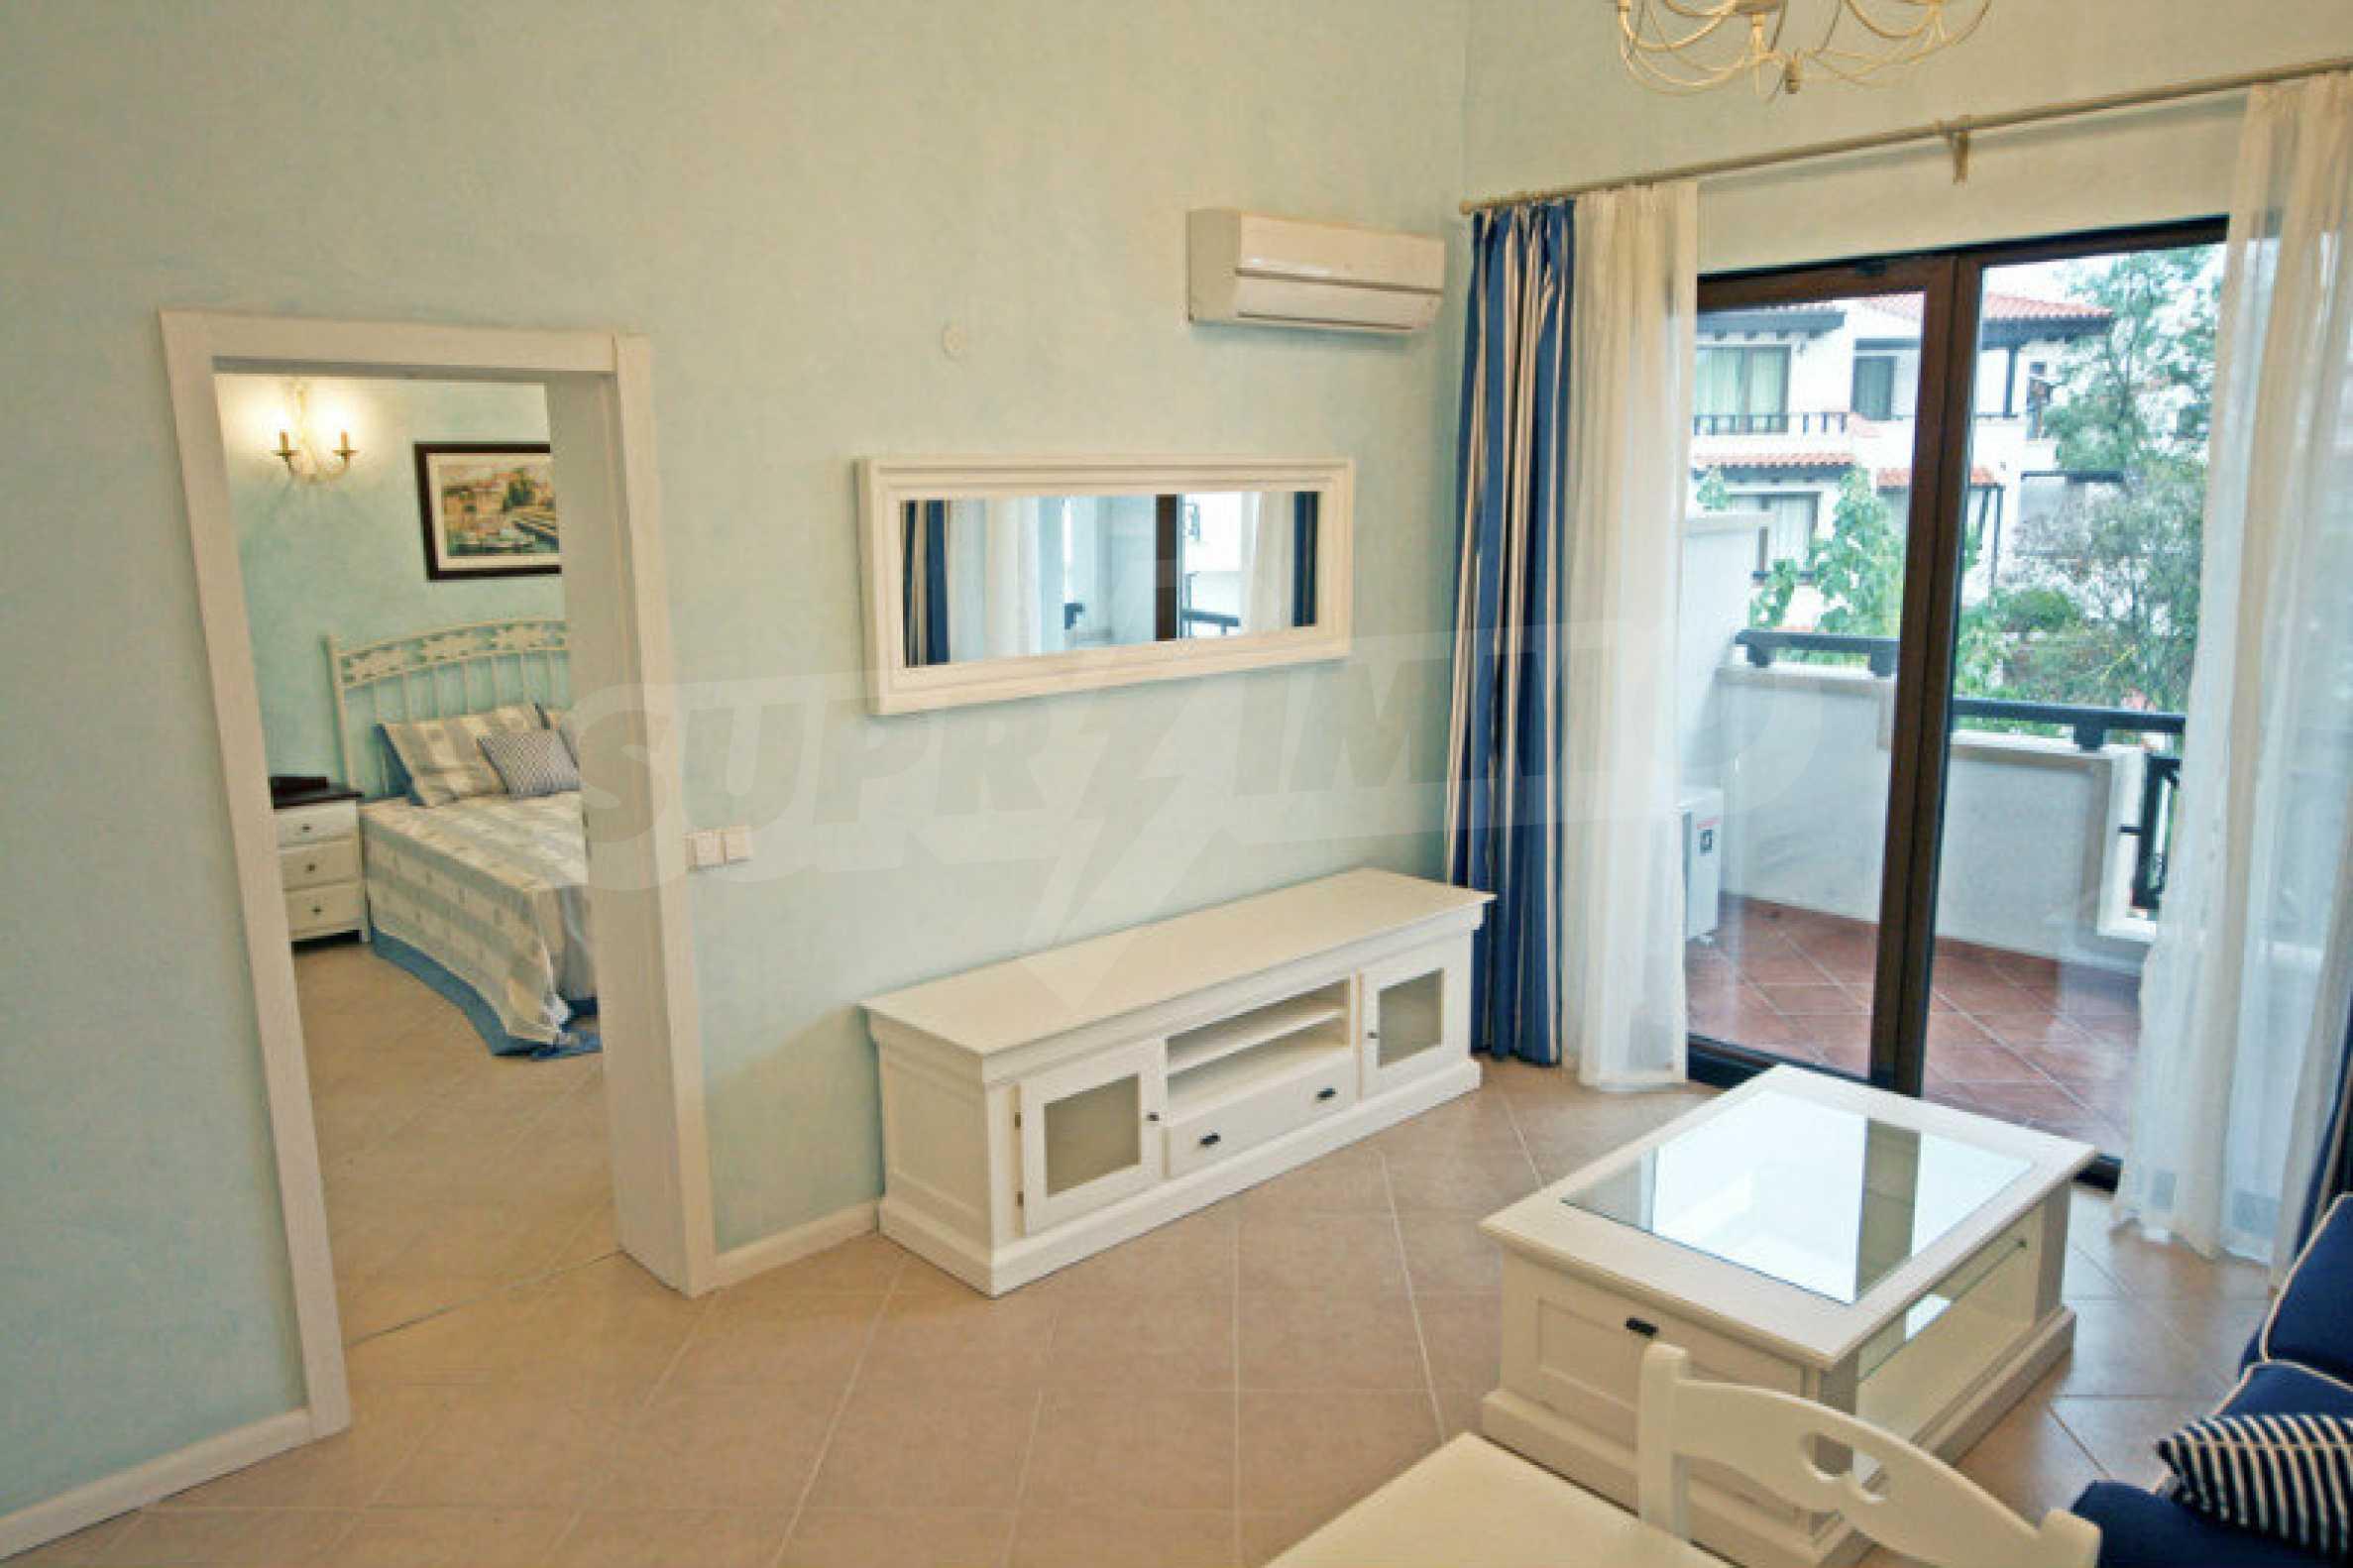 Apartment mit zwei Schlafzimmern und stilvollen Möbeln in einem Komplex in erster Linie 6